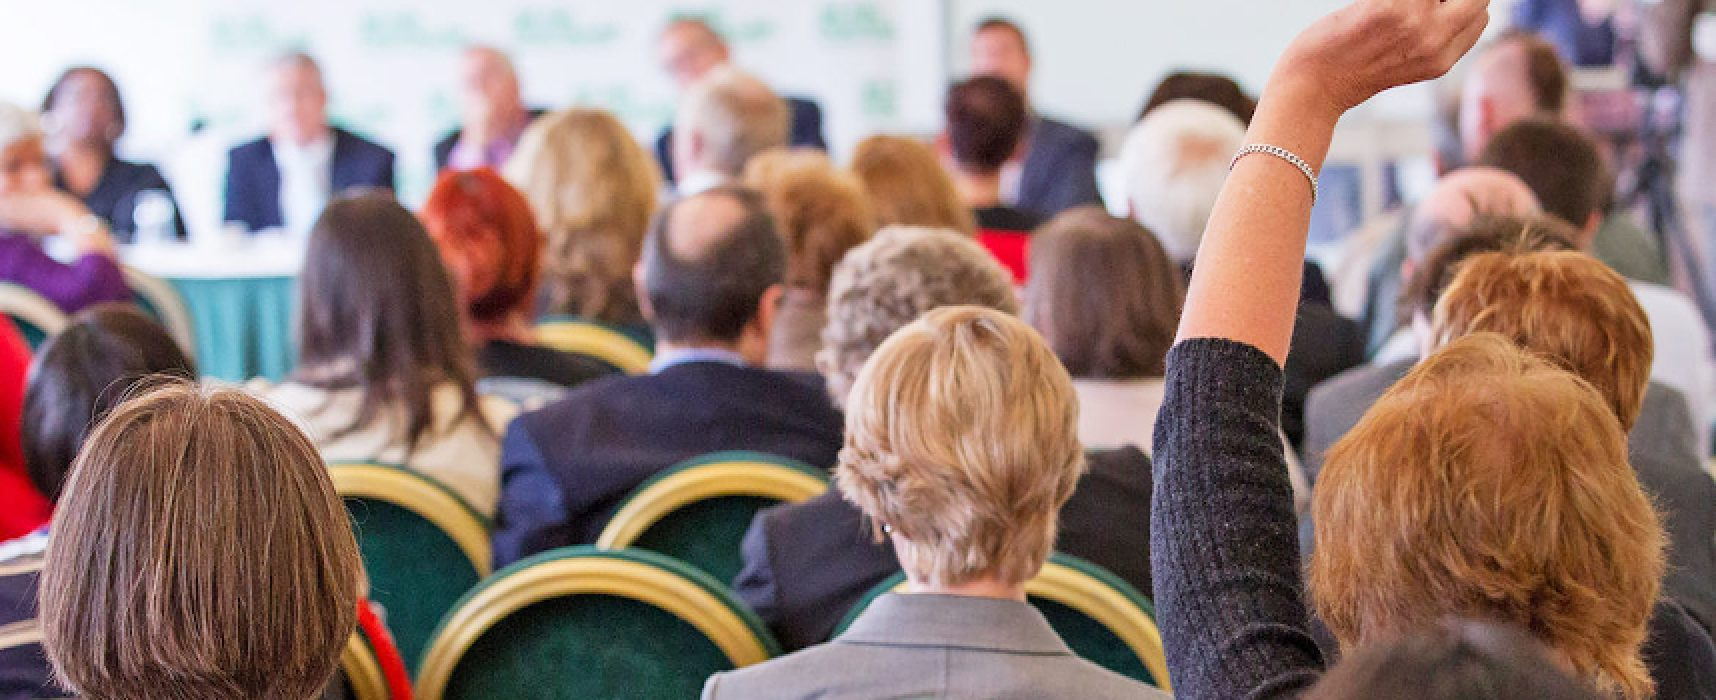 """Percorso di formazione alla cittadinanza attiva, a Bisceglie arriva """"Common Ground"""""""